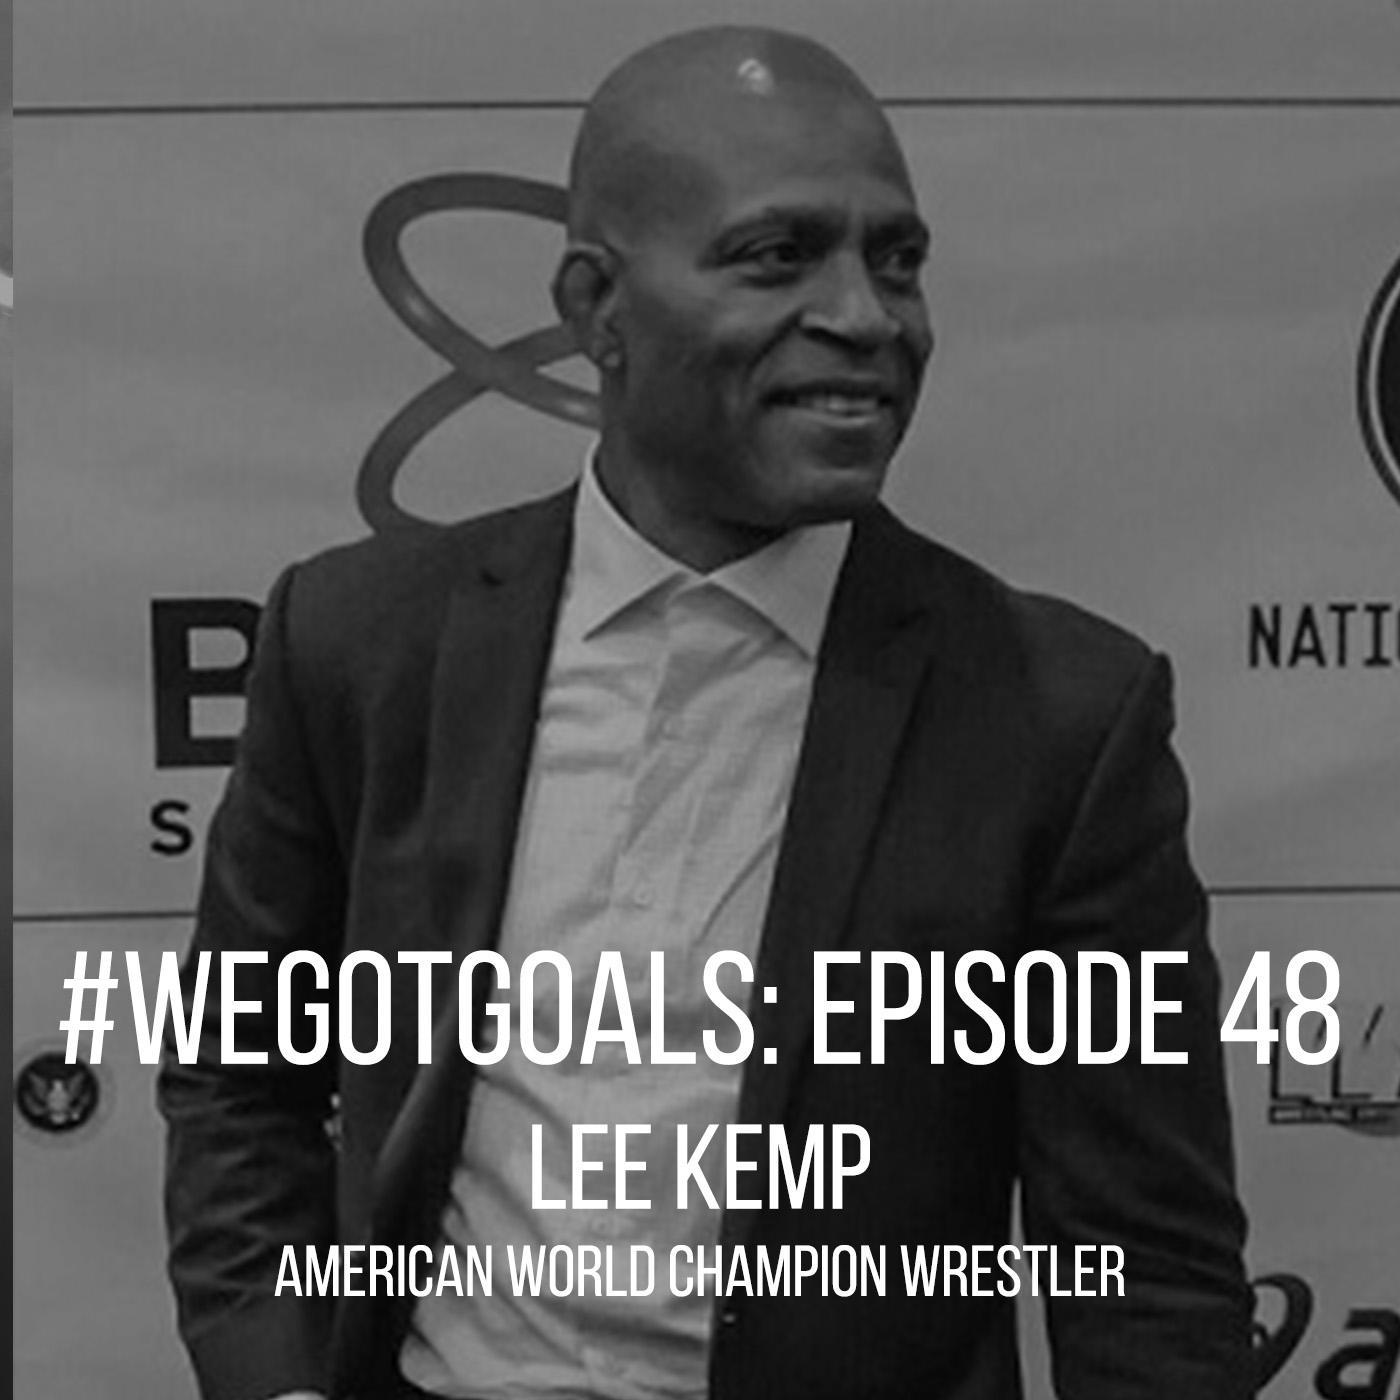 Lee Kemp